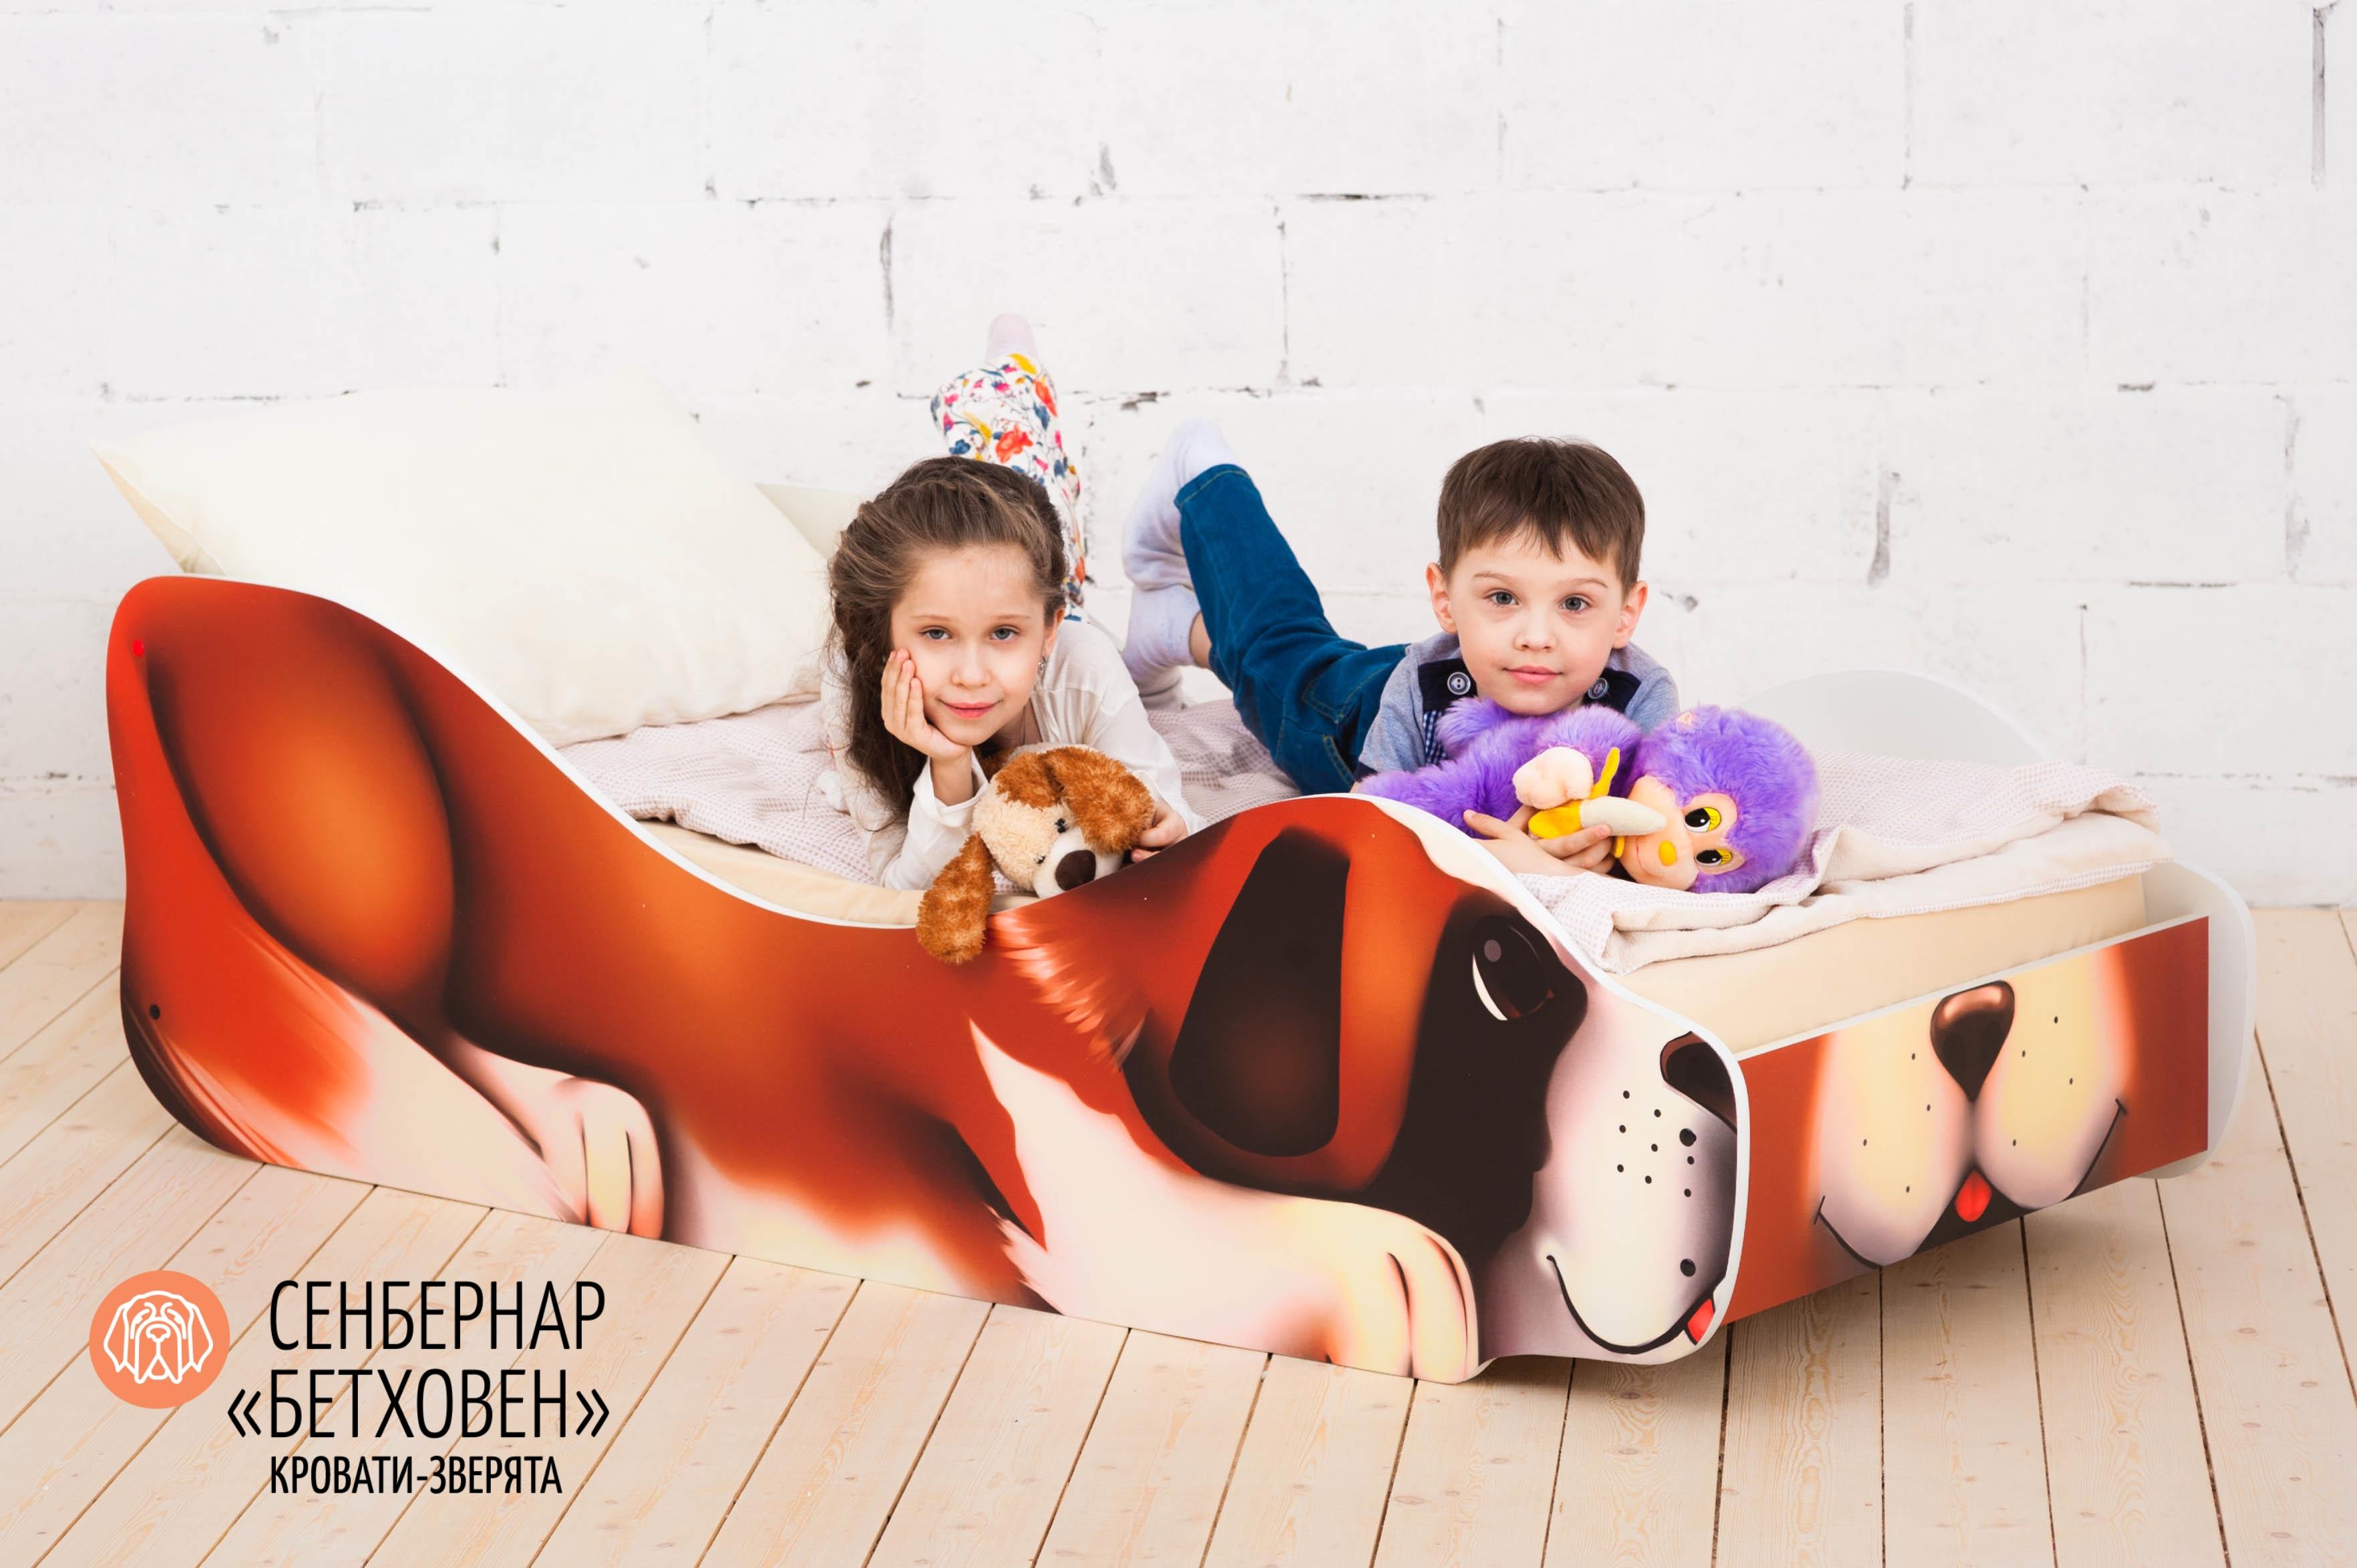 Детская кровать-зверенок -Сенбернар- Бетховен-11